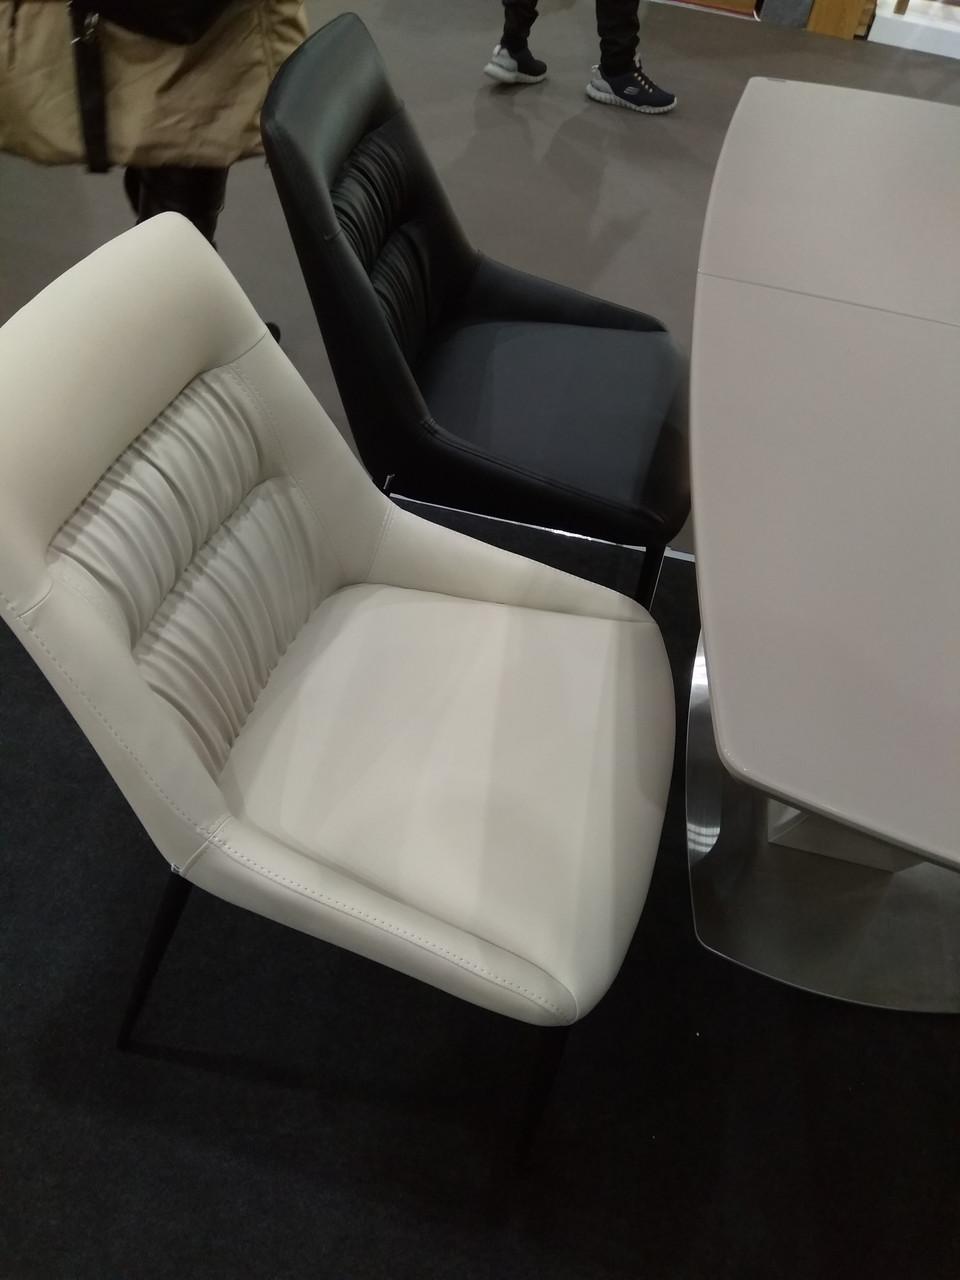 Обеденный стул Savannah (Саванна) молочный экокожа от Concepto